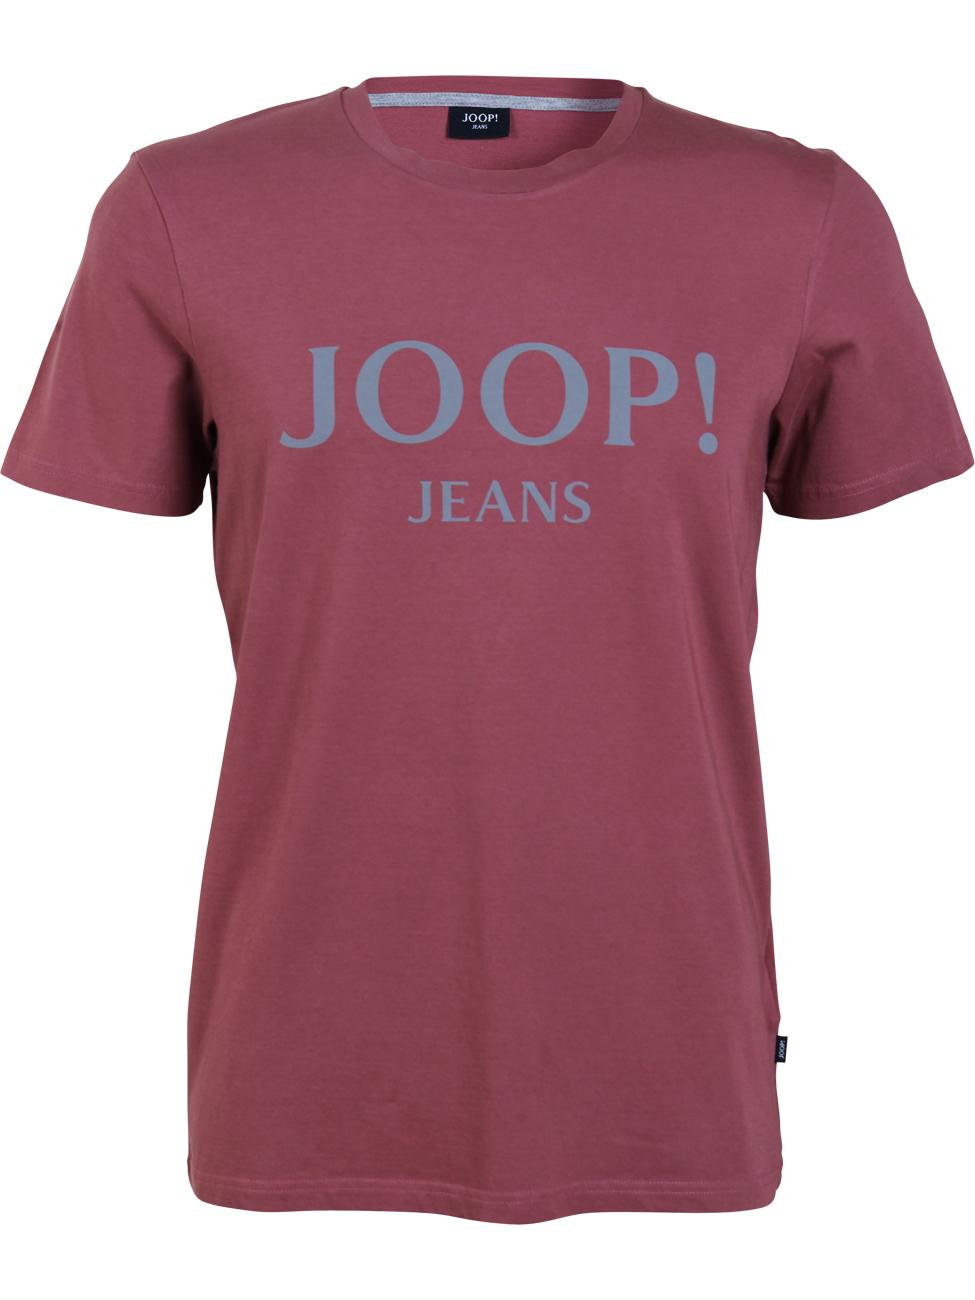 Joop! Herren Rundhals T-Shirt Alex1